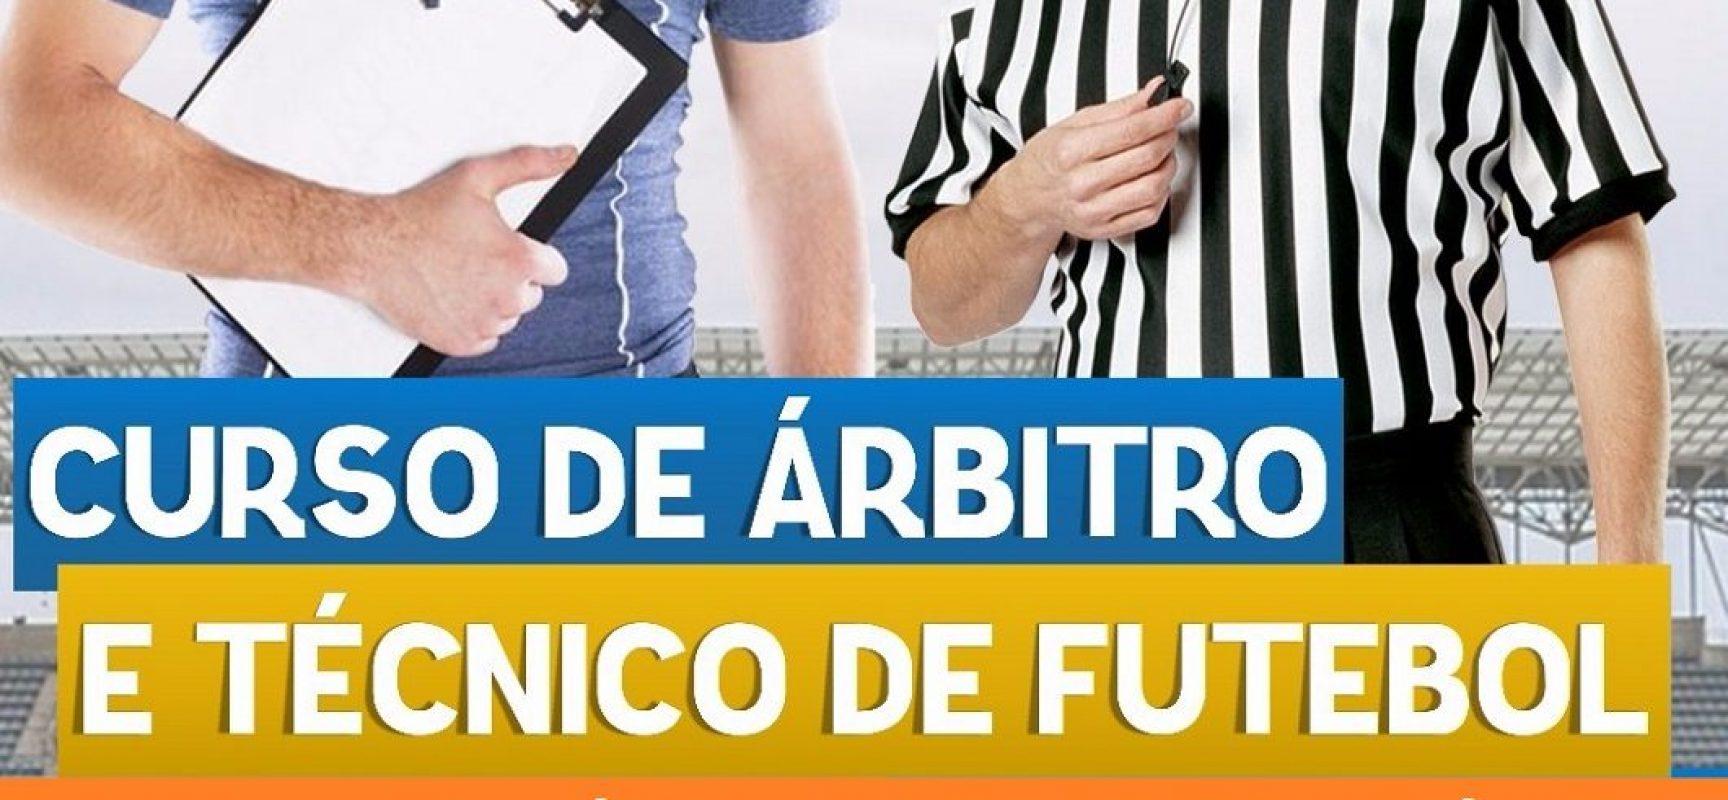 Sudesb promoverá curso de Árbitro e Técnico de Futebol em Ilhéus